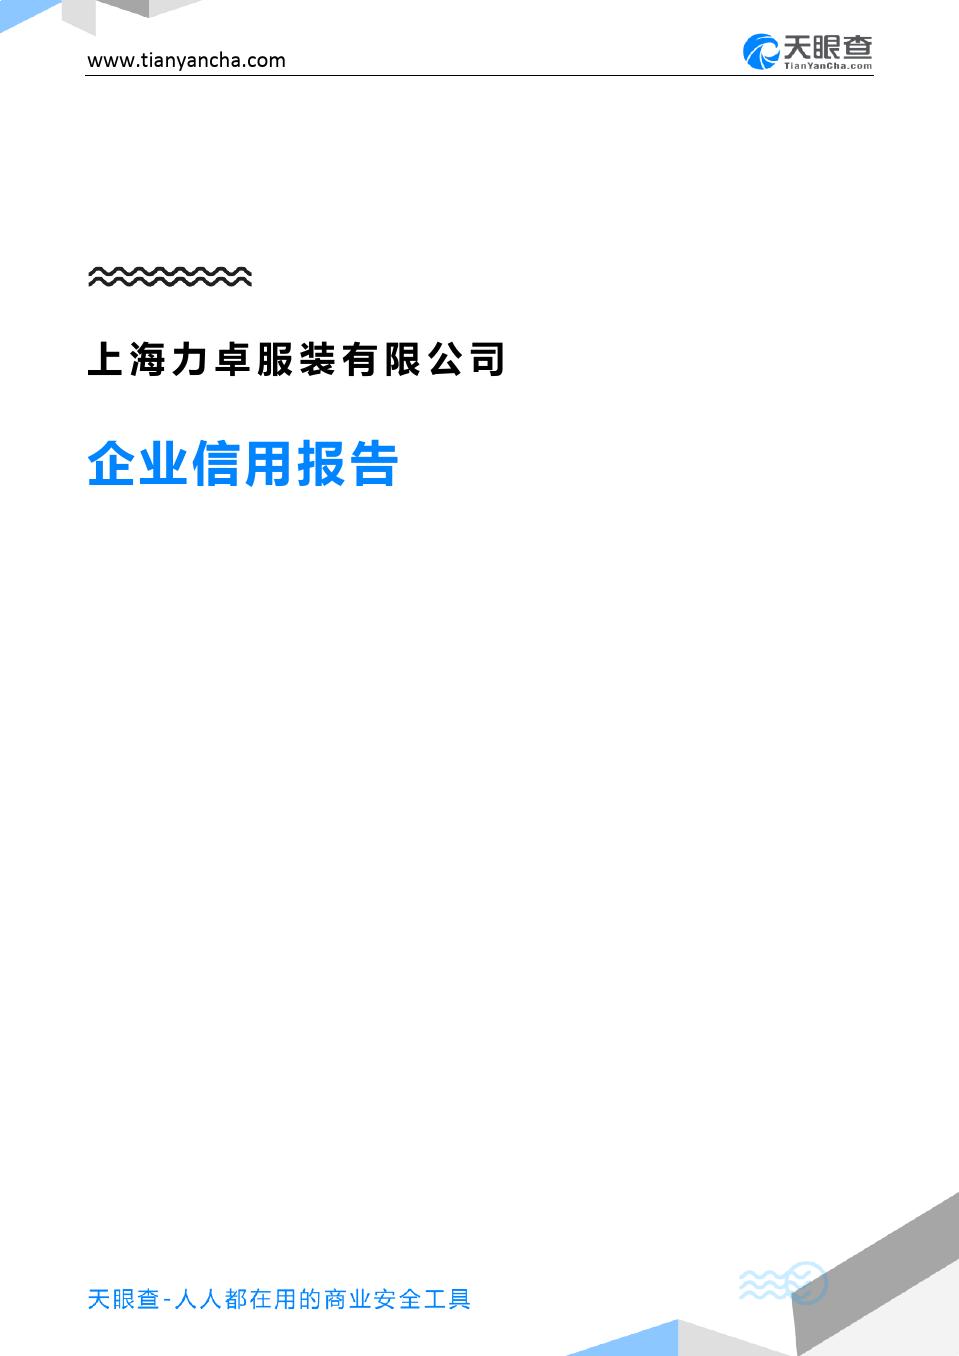 上海力卓服装有限公司(企业信用报告)- 天眼查